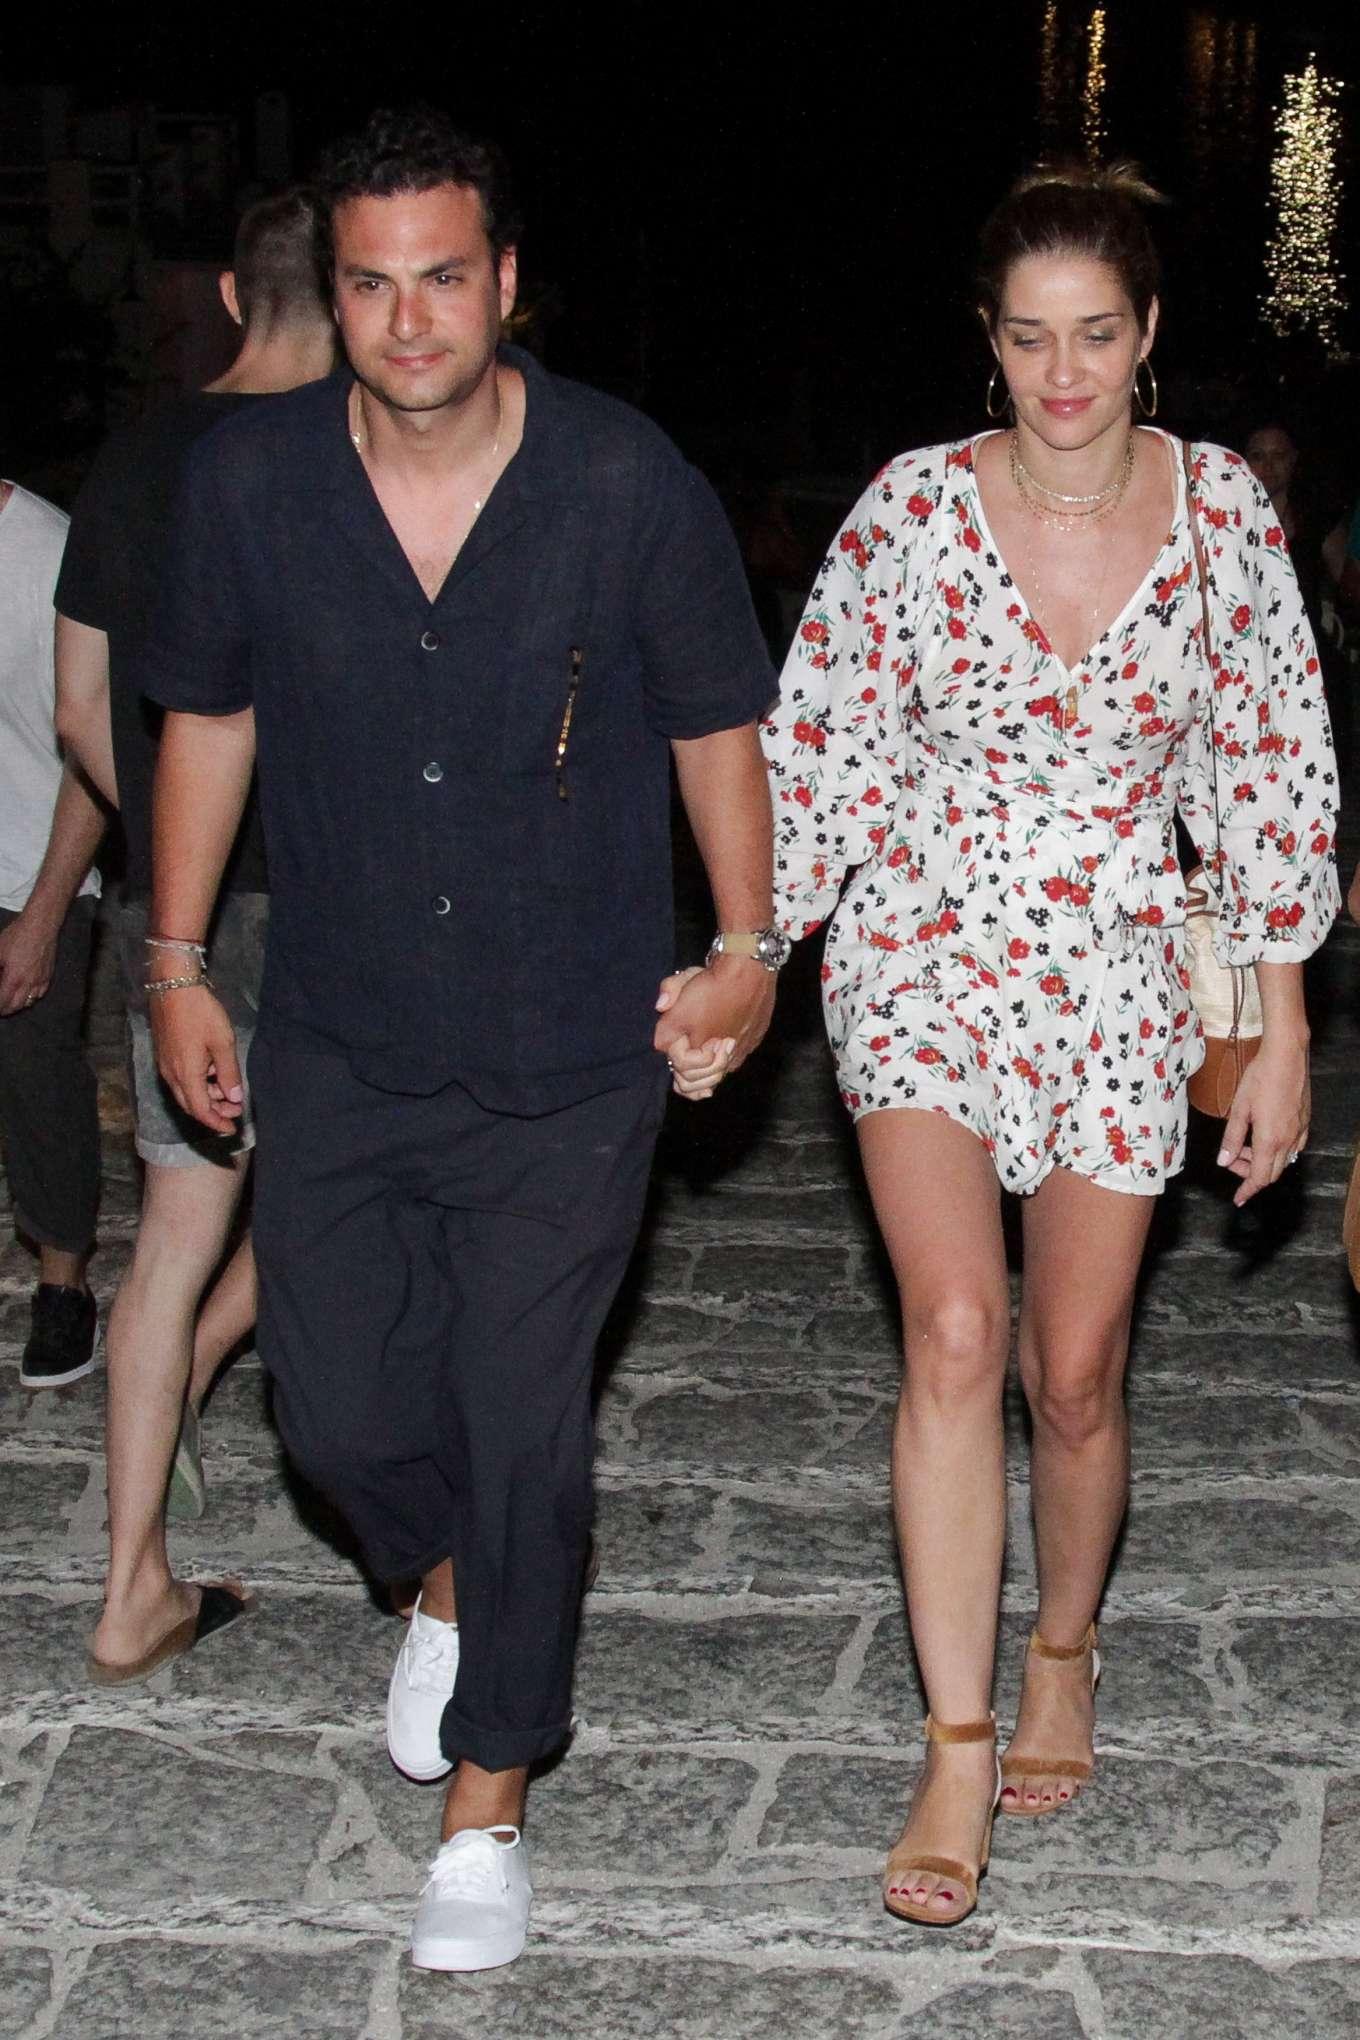 Ana Beatriz Barros and husband Karim El Chiaty - Night out in Mykonos